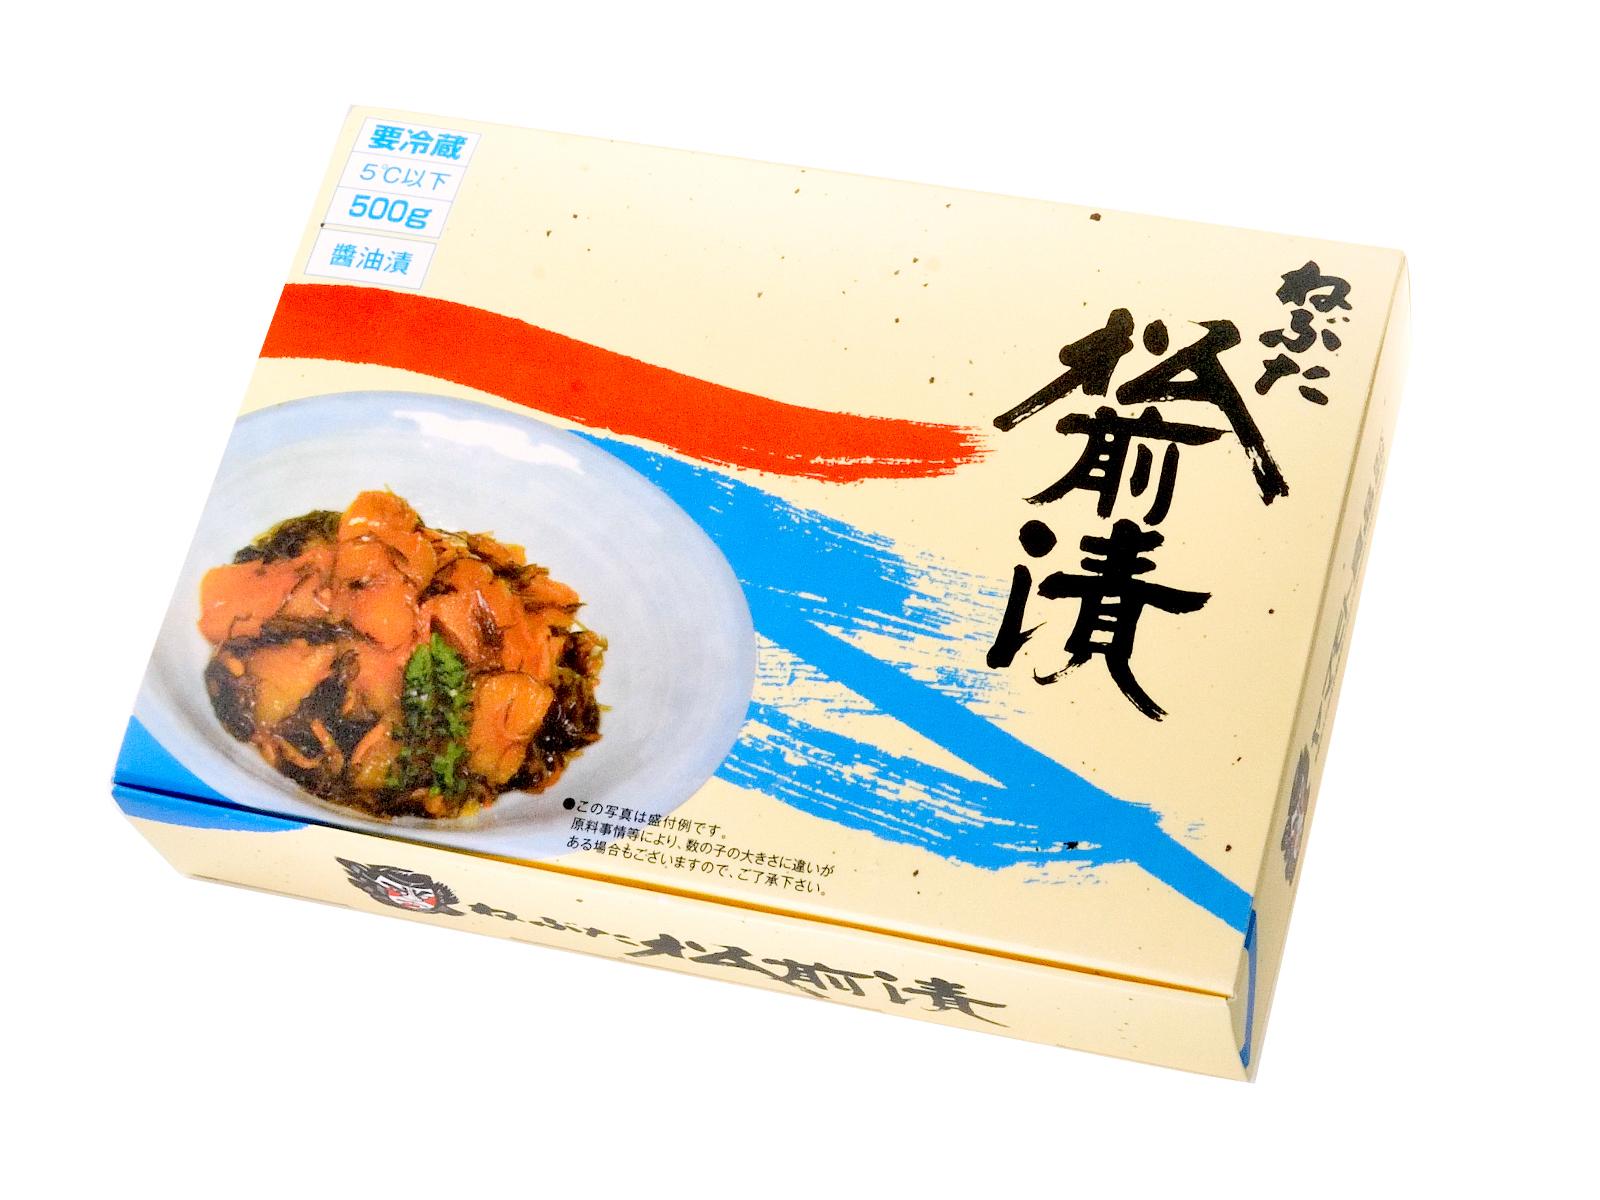 ねぶた松前漬Ⓡ(500g)